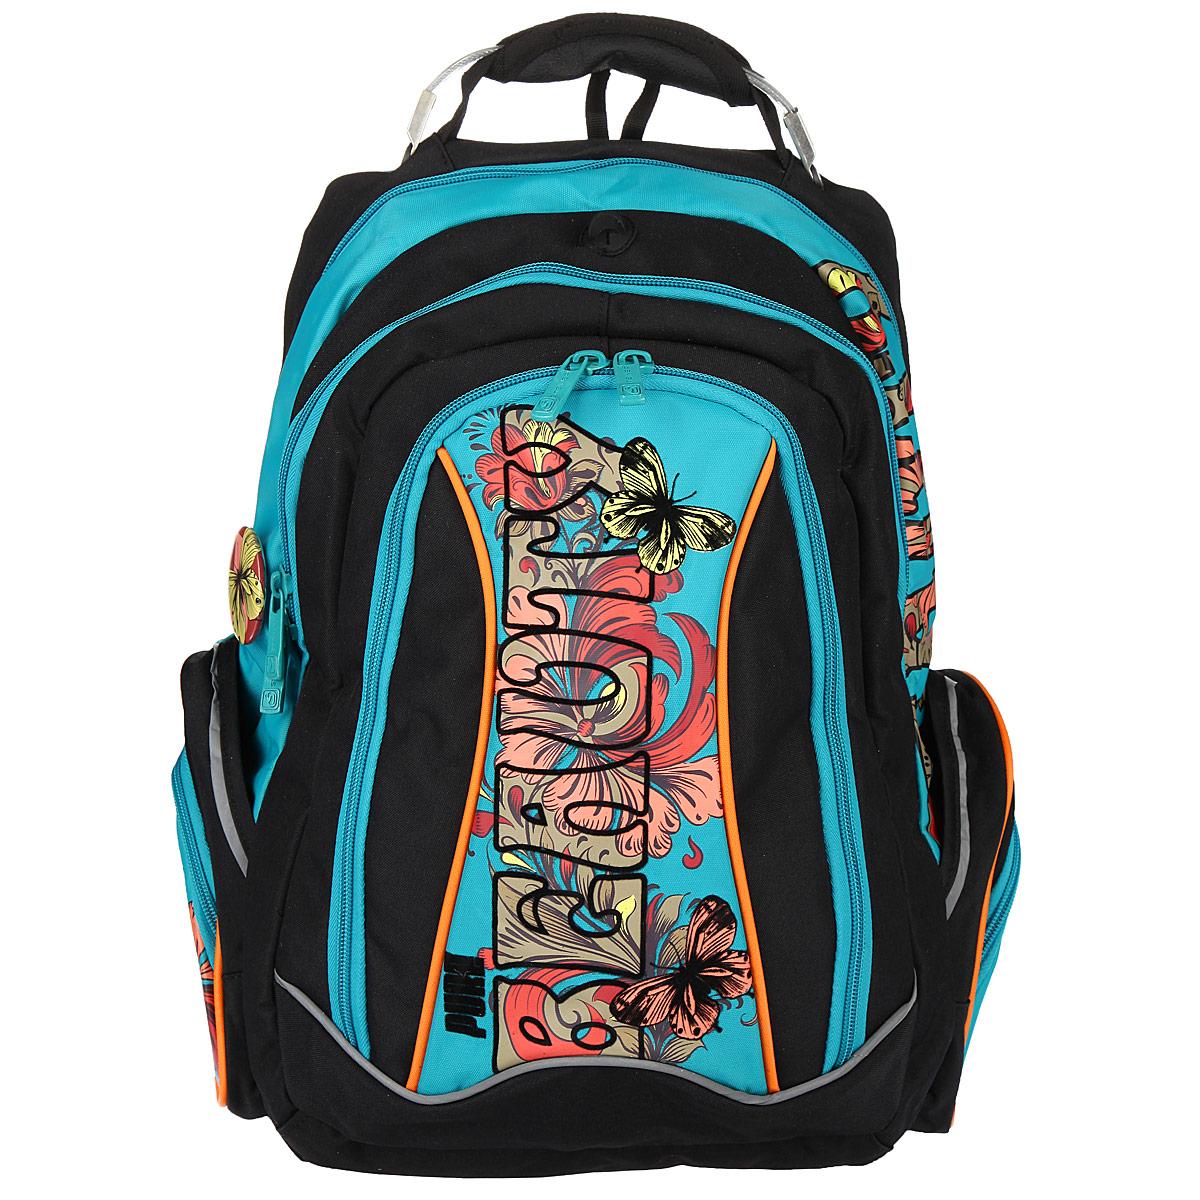 Рюкзак школьный Steiner BEAUTY, цвет: черный, бирюзовый. 12-252-15312-252-153Эргономичный школьный рюкзак с ортопедической спинкой Steiner BEAUTY выполнен из современного пористого материала, отличающегося легкостью, долговечностью и повышенной влагостойкостью. Изделие оформлено изображениембабочек, цветов и логотипа бренда на лицевой стороне.Рюкзак имеет два основных отделения, которые закрываются на молнии. Внутри главного отделения расположены: два накладных кармана-разделителя на липучках, накладной мягкий карман для планшета или ноутбука на резинке с липучкой. Внутри второго отделения размещен органайзер для письменных принадлежностей, состоящий из пяти накладных карманов, один из которых карман-сетка на молнии. По бокам рюкзака размещены четыре дополнительных накладных кармана, два из которых застегиваются на молнии. В спинку рюкзака встроены два накладных кармана на молниях, внутри верхнего кармана находится кармашек для телефона на липучке.Рельеф спинки рюкзака разработан с учетом особенности детского позвоночника.Рюкзак оснащен эргономичной ручкой для переноски, двумя широкими лямками, регулируемой длины, петлей для подвешивания.Многофункциональный школьный рюкзак Steiner BEAUTY станет незаменимым спутником вашего ребенка в походах за знаниями.